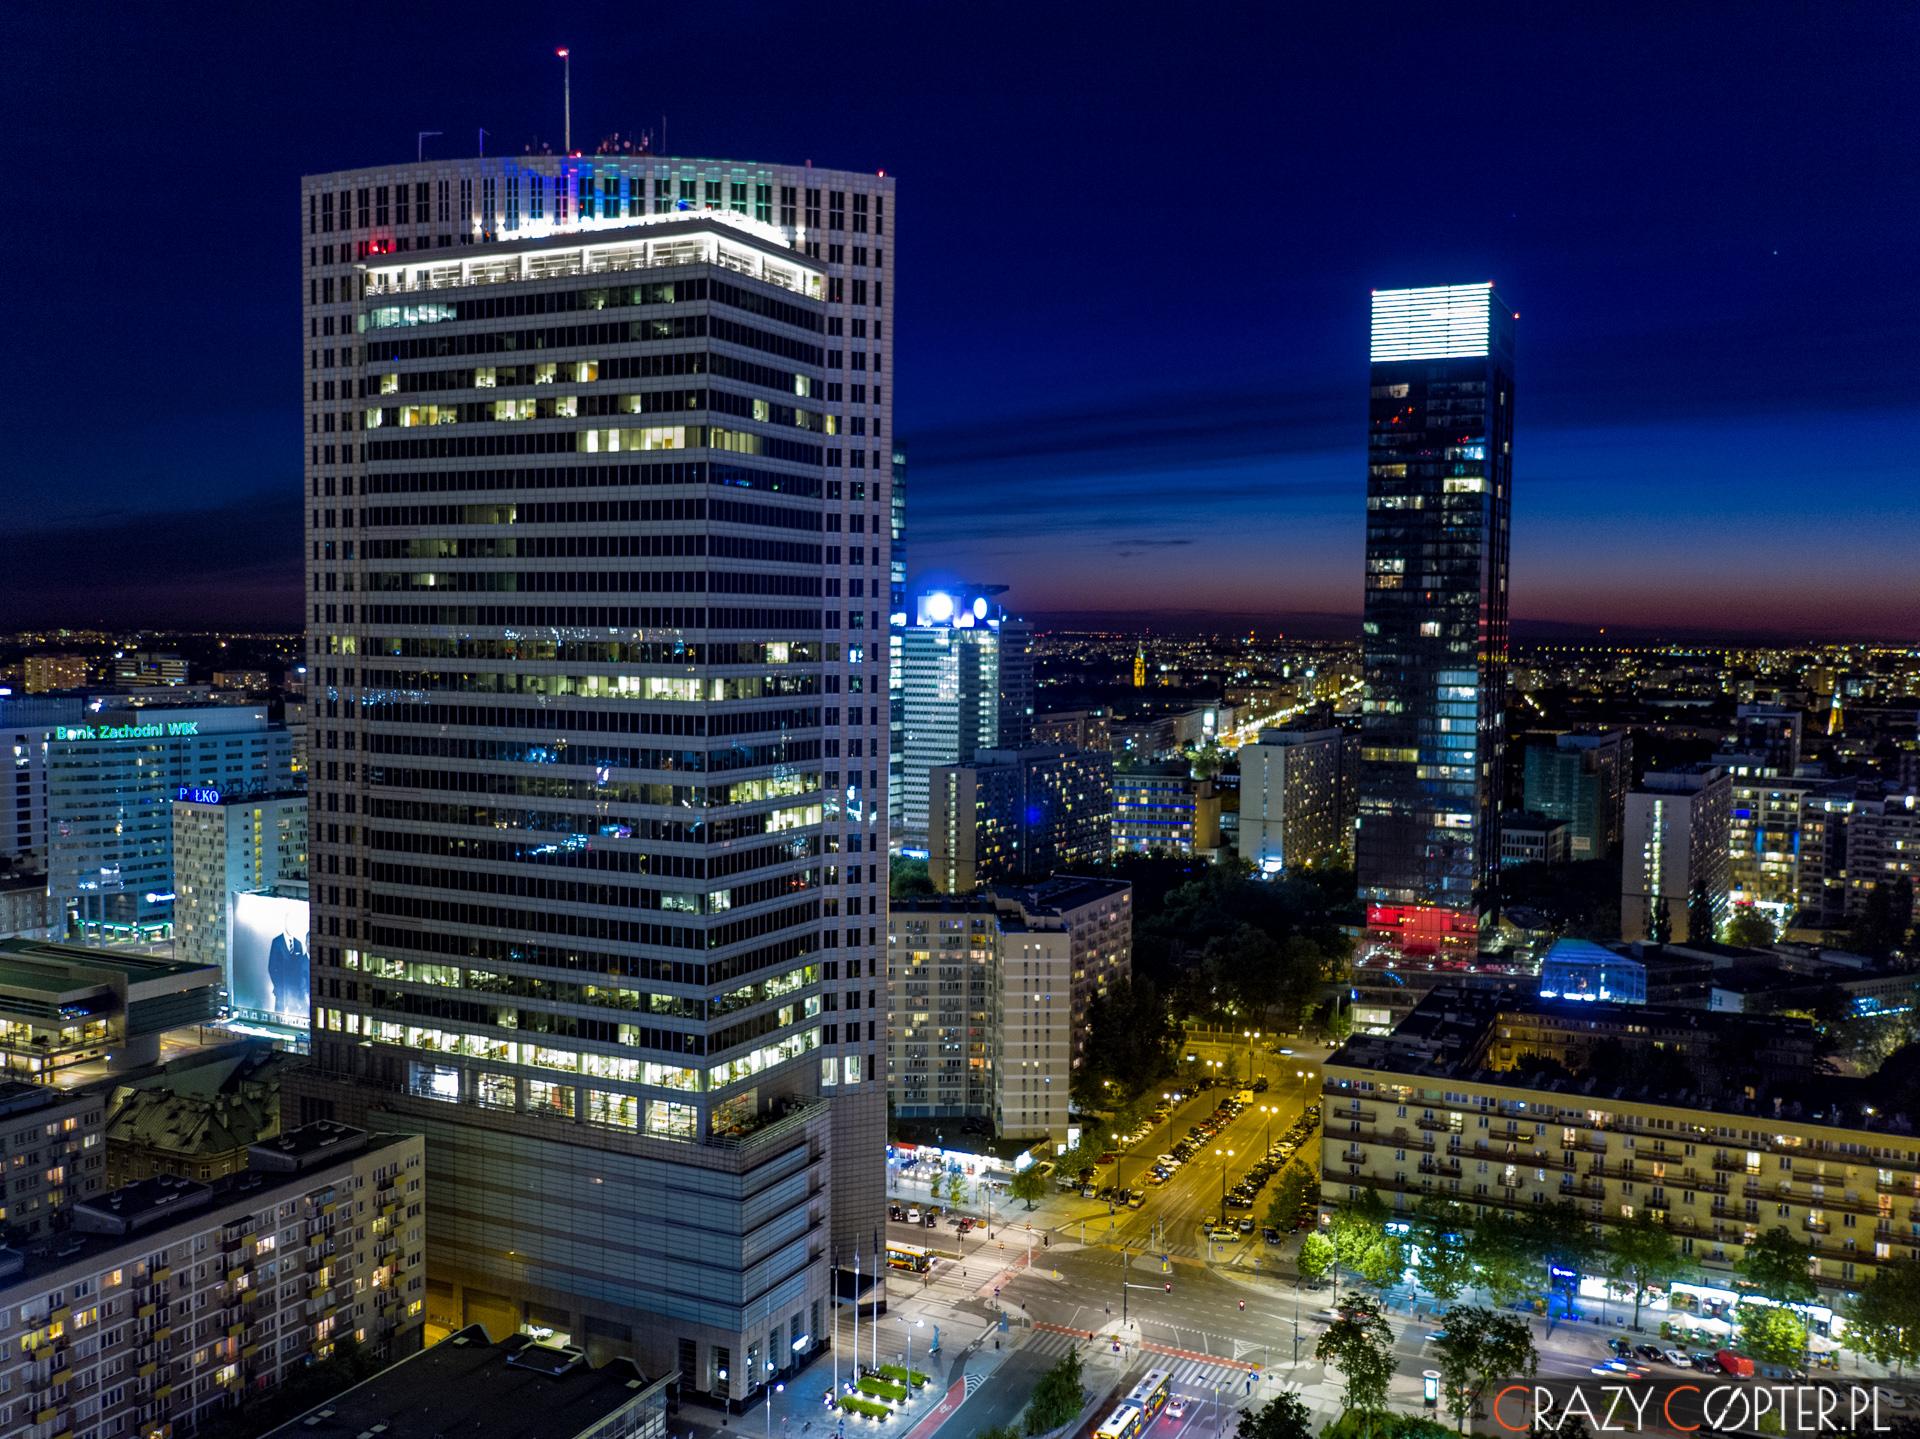 Zdjęcia zdrona wieżowców wWarszawie.